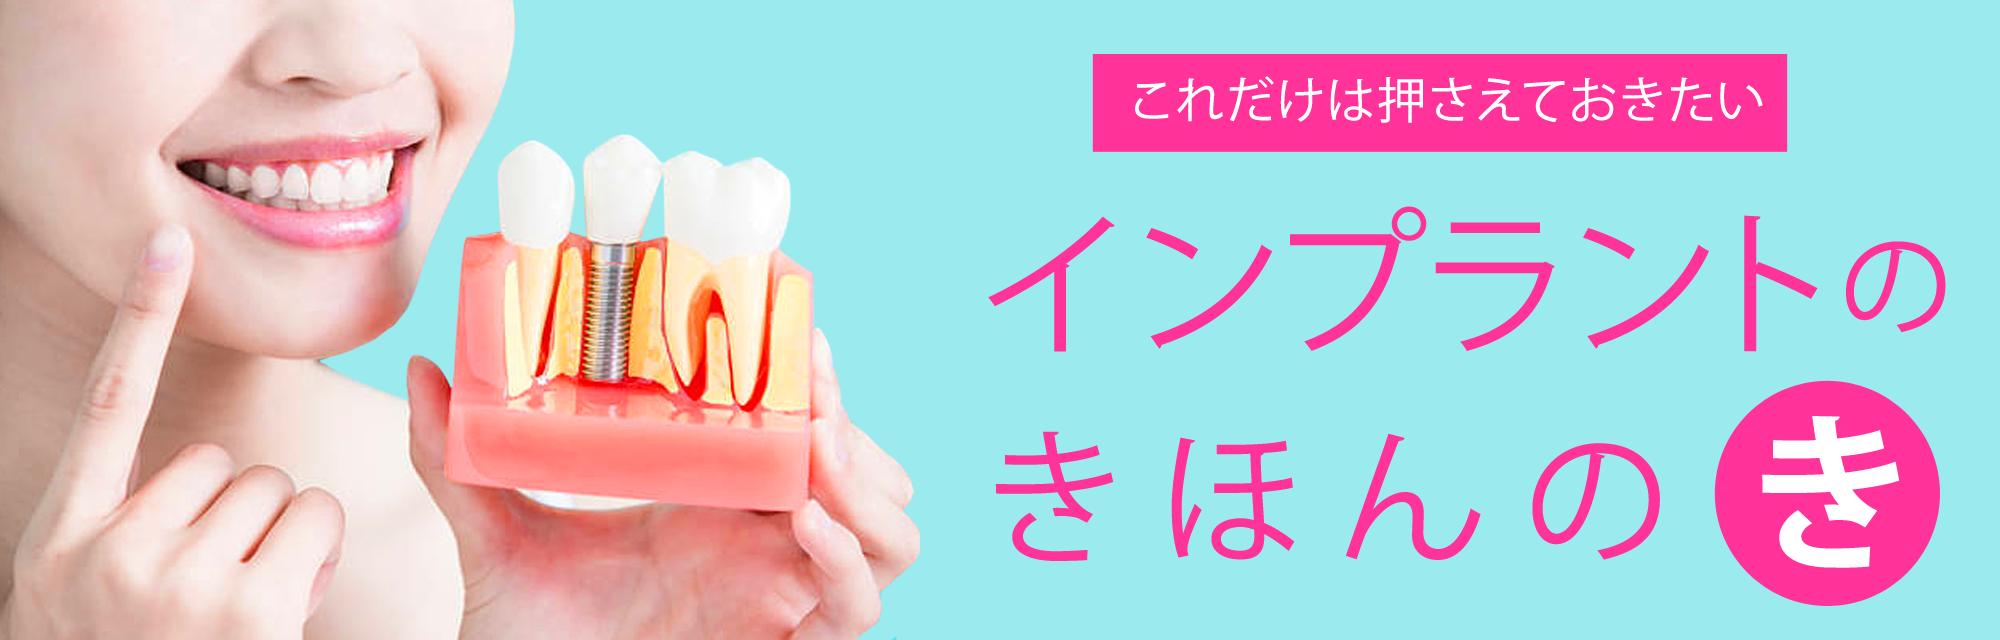 歯科衛生士コラム